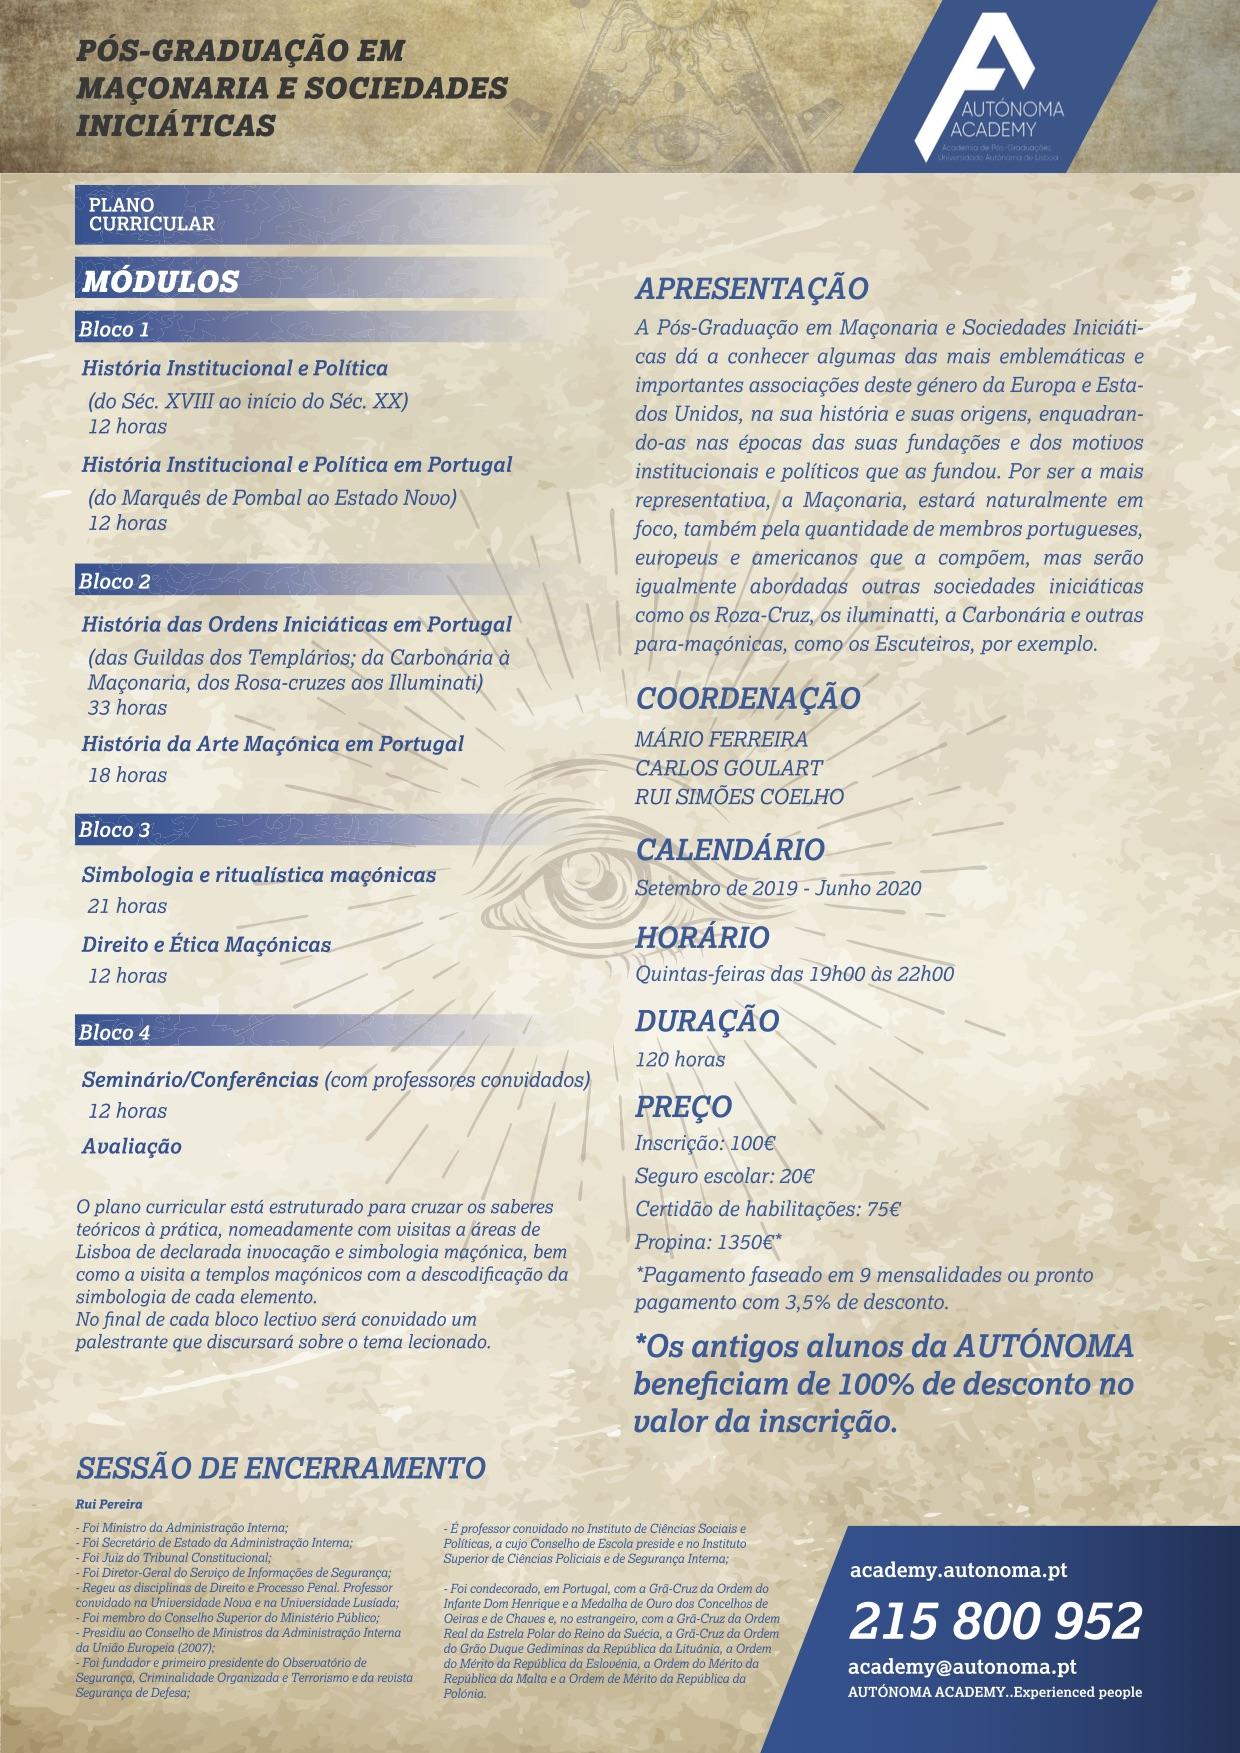 Folheto_Pos-Graduacao (2)2.jpg